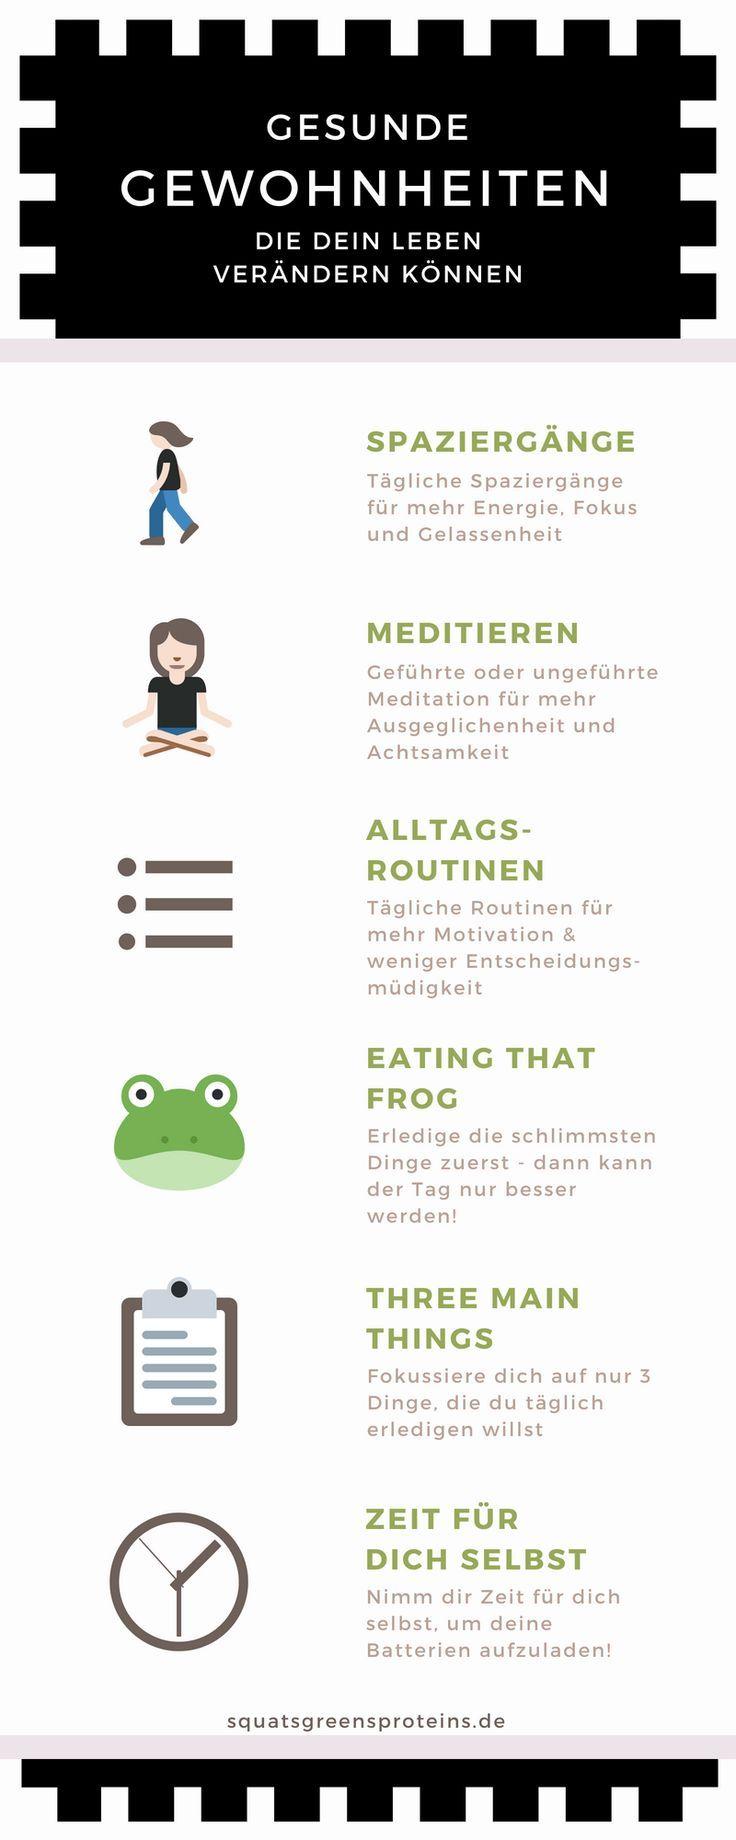 6 kleine Gewohnheiten, die mein Leben verändert haben